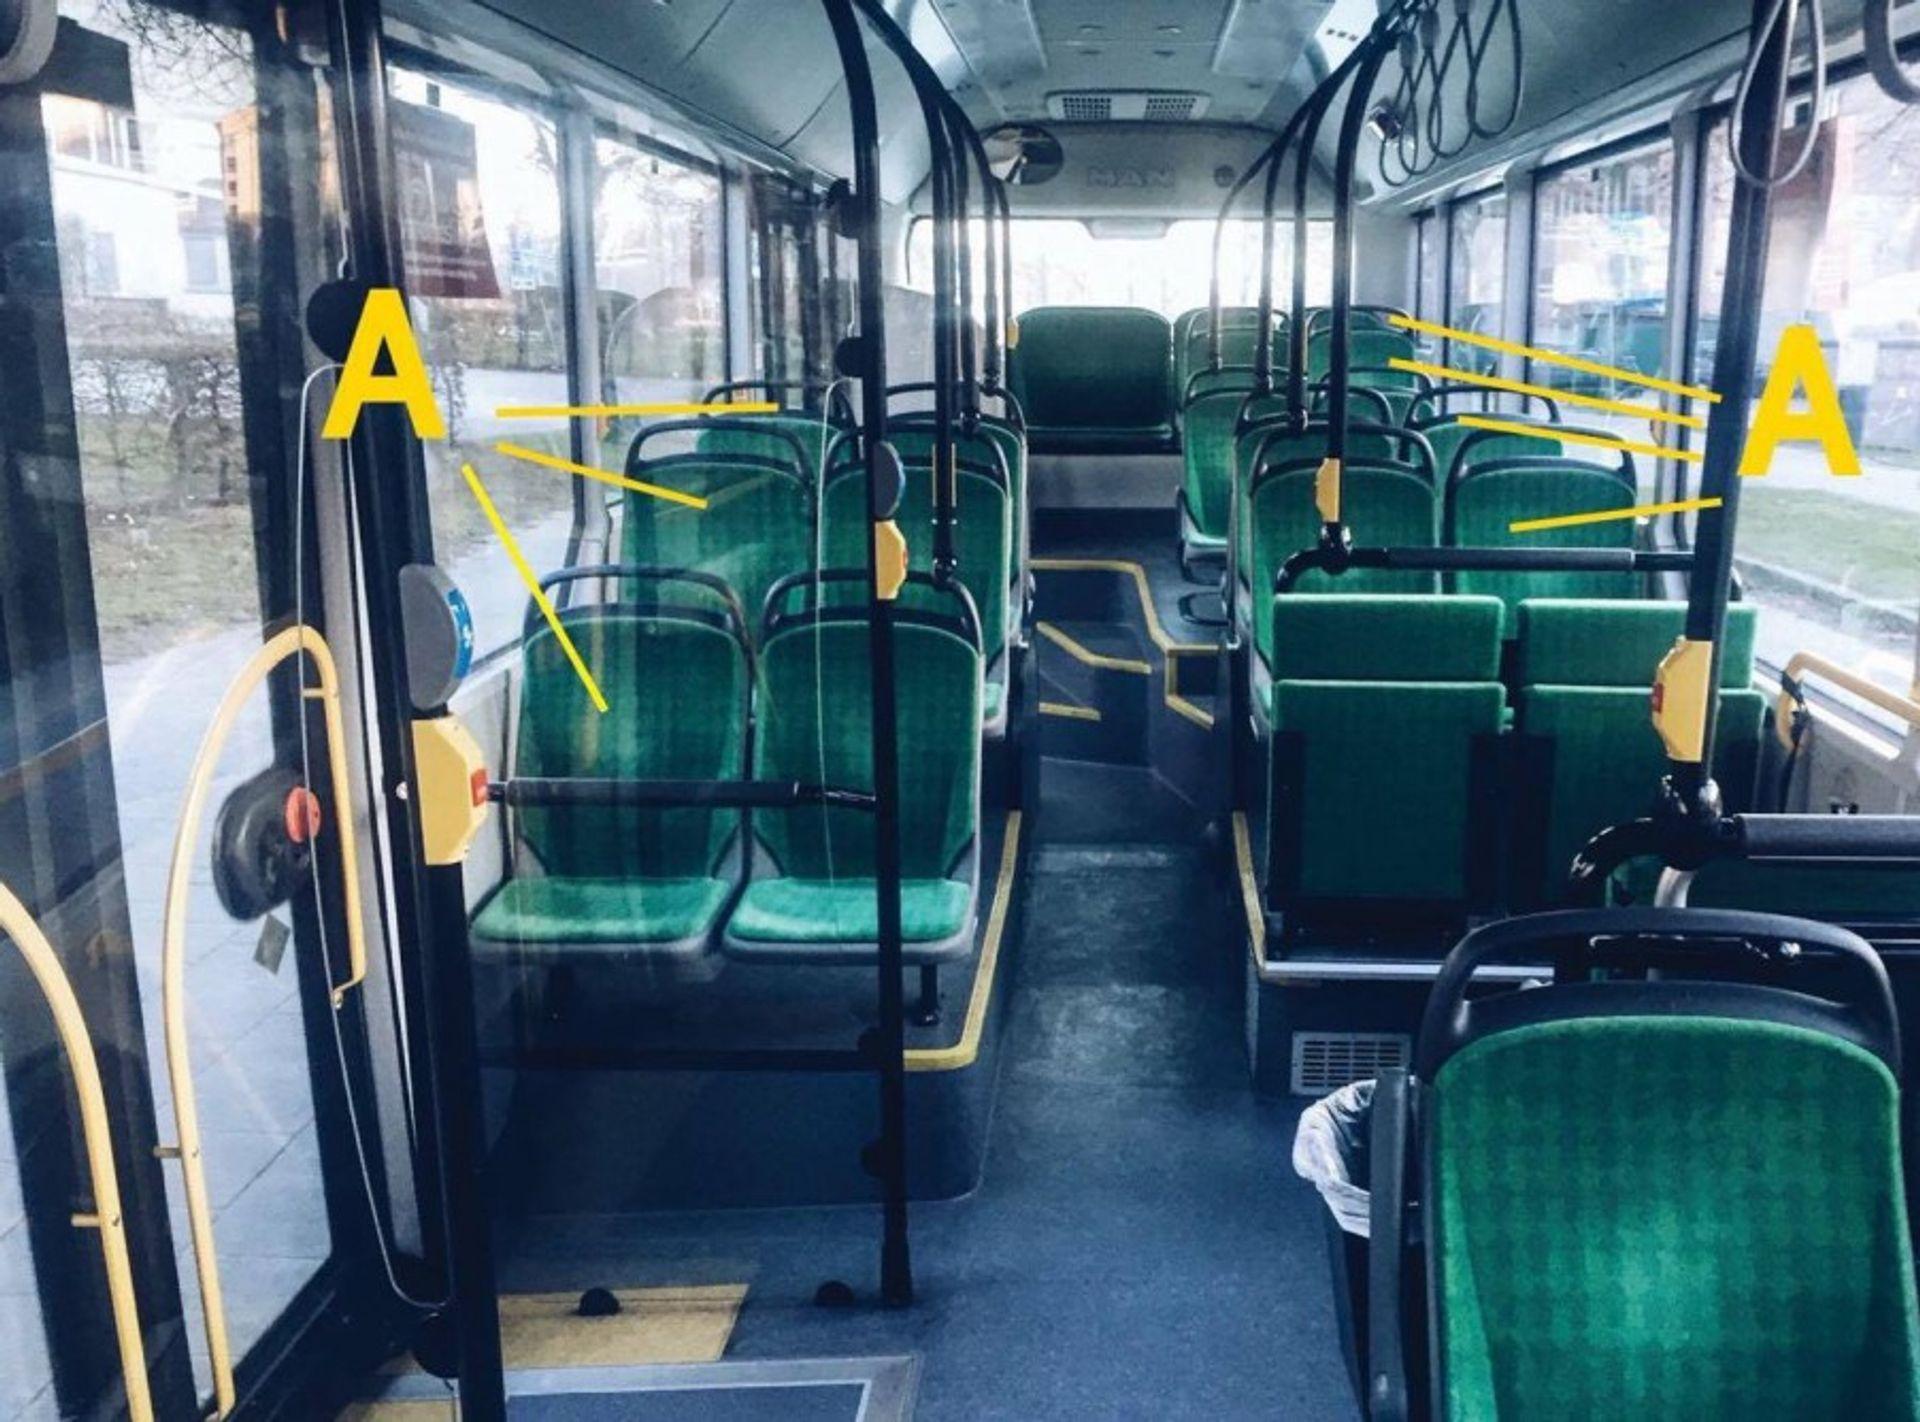 Empty bus seats.